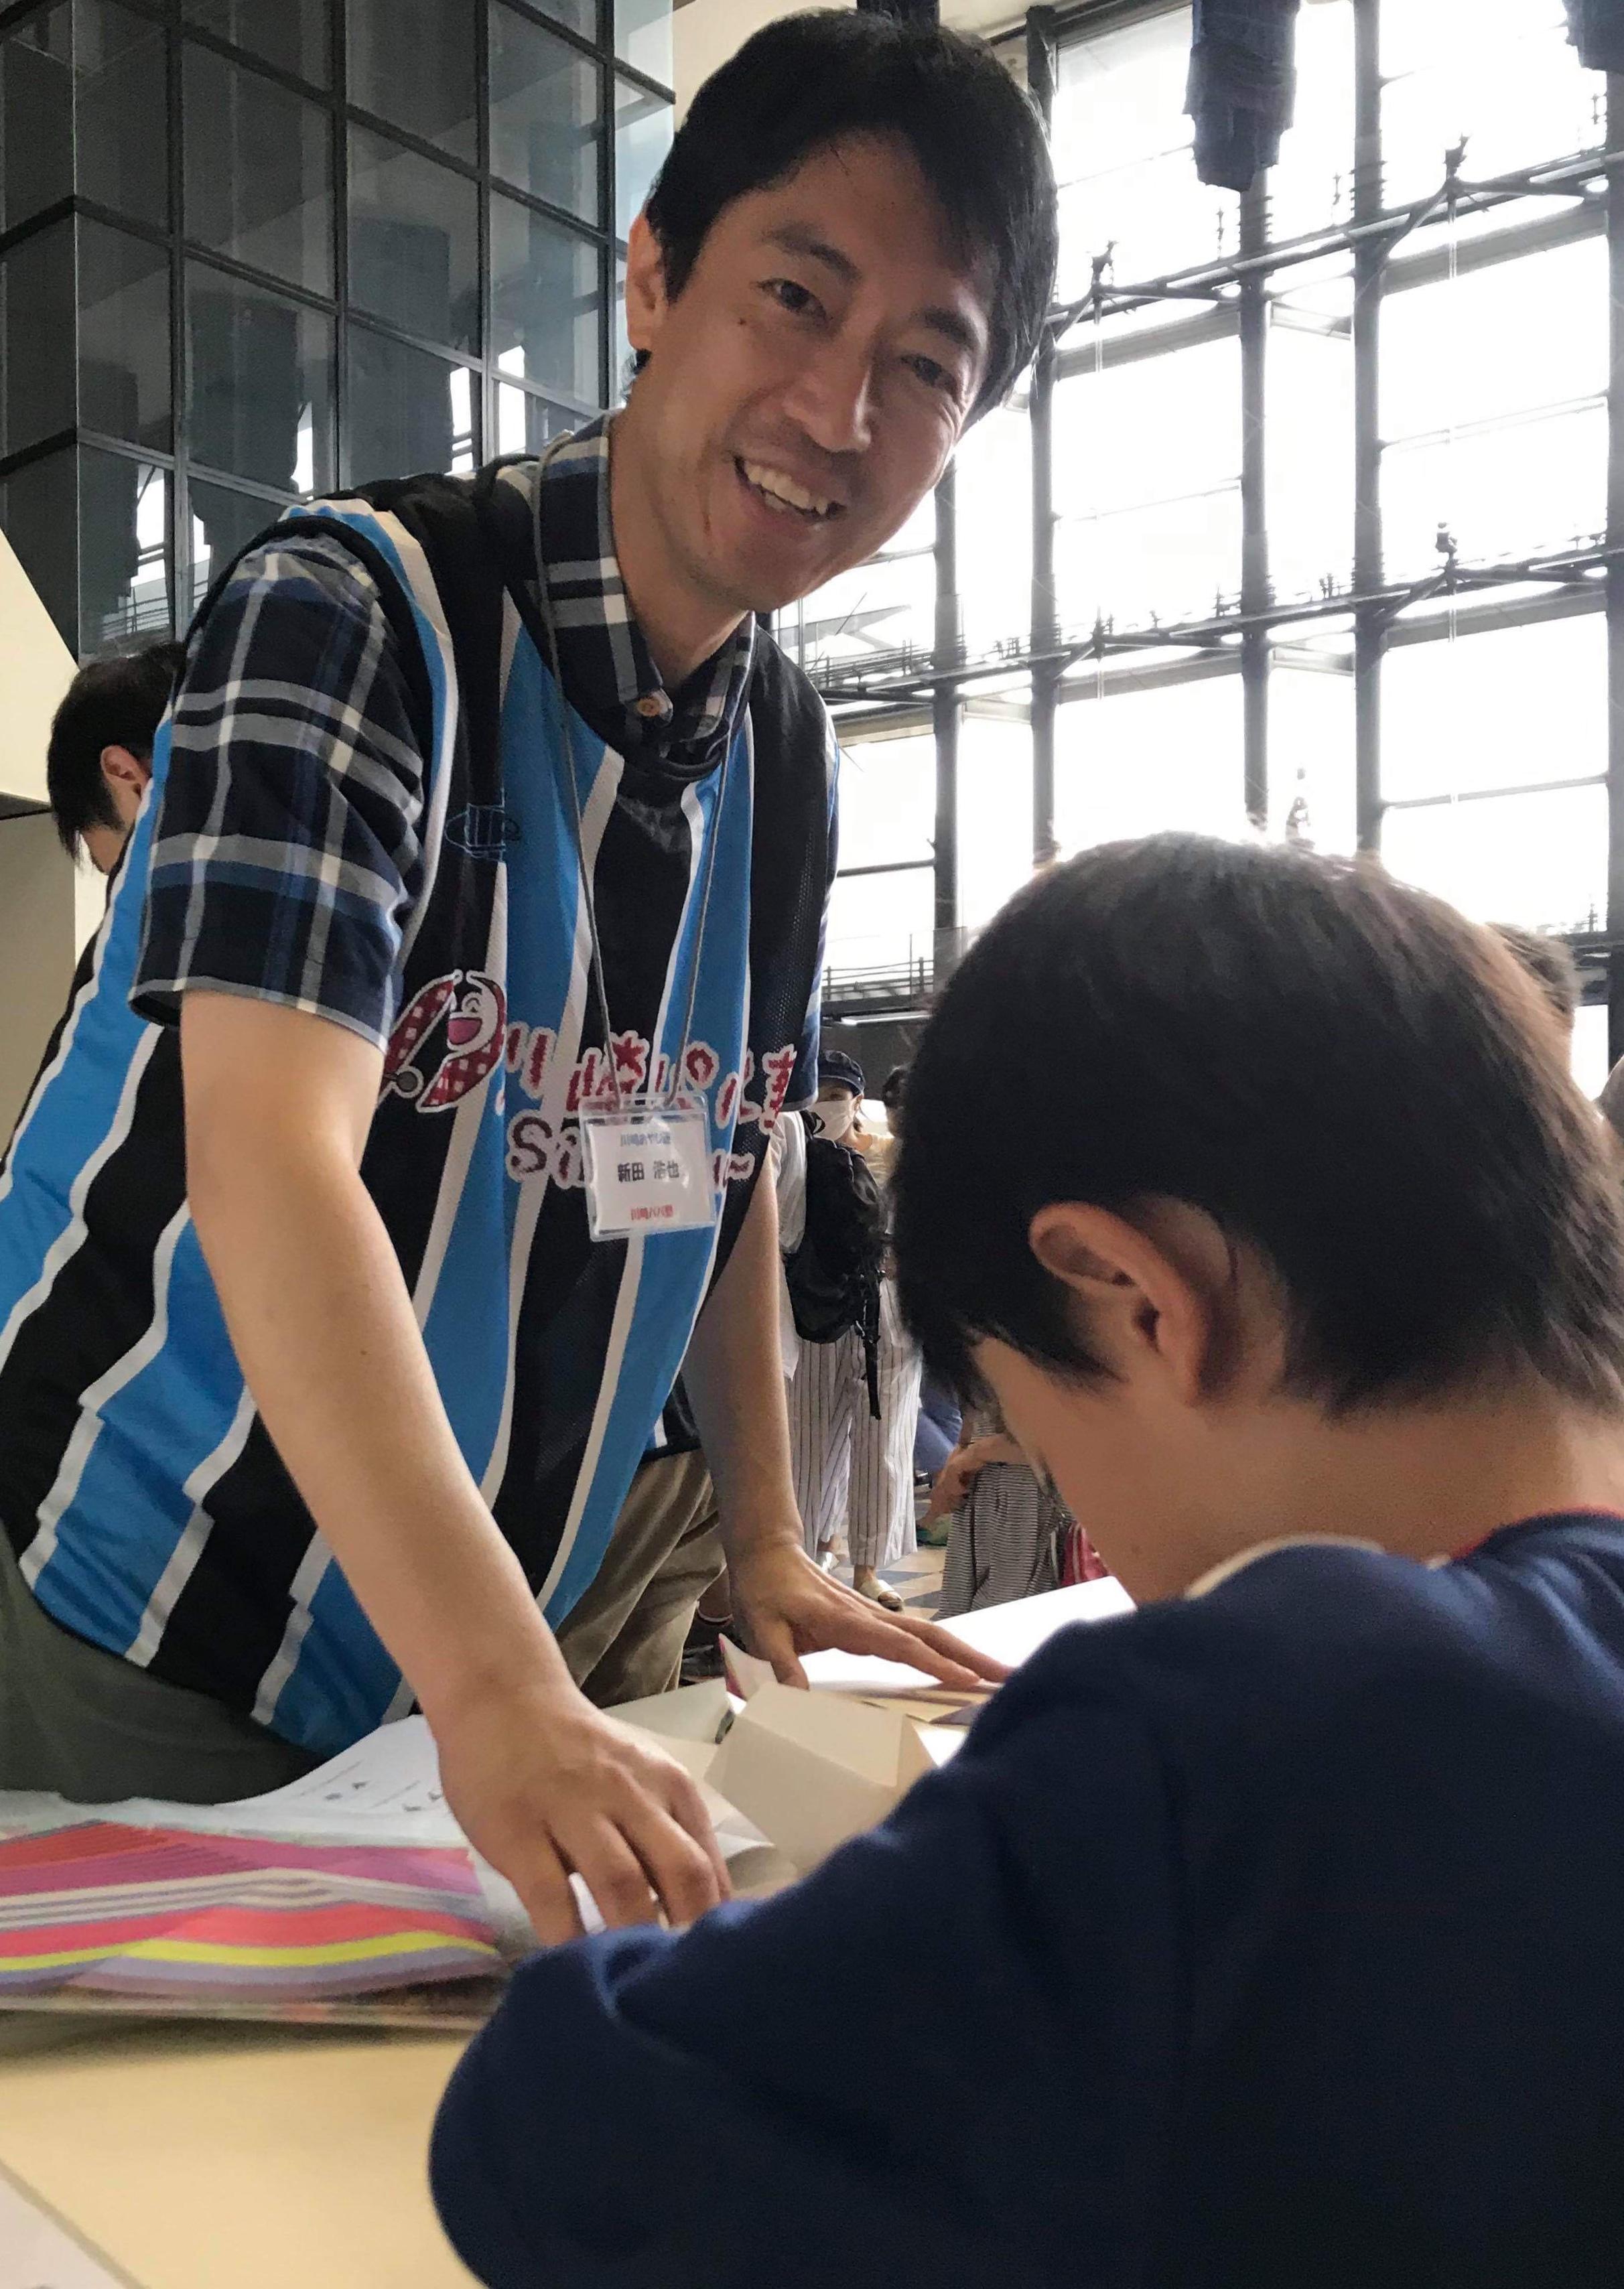 川崎おやじ連主催のおやじdeミュージアム。とてもハードルの低い地域参加でした。